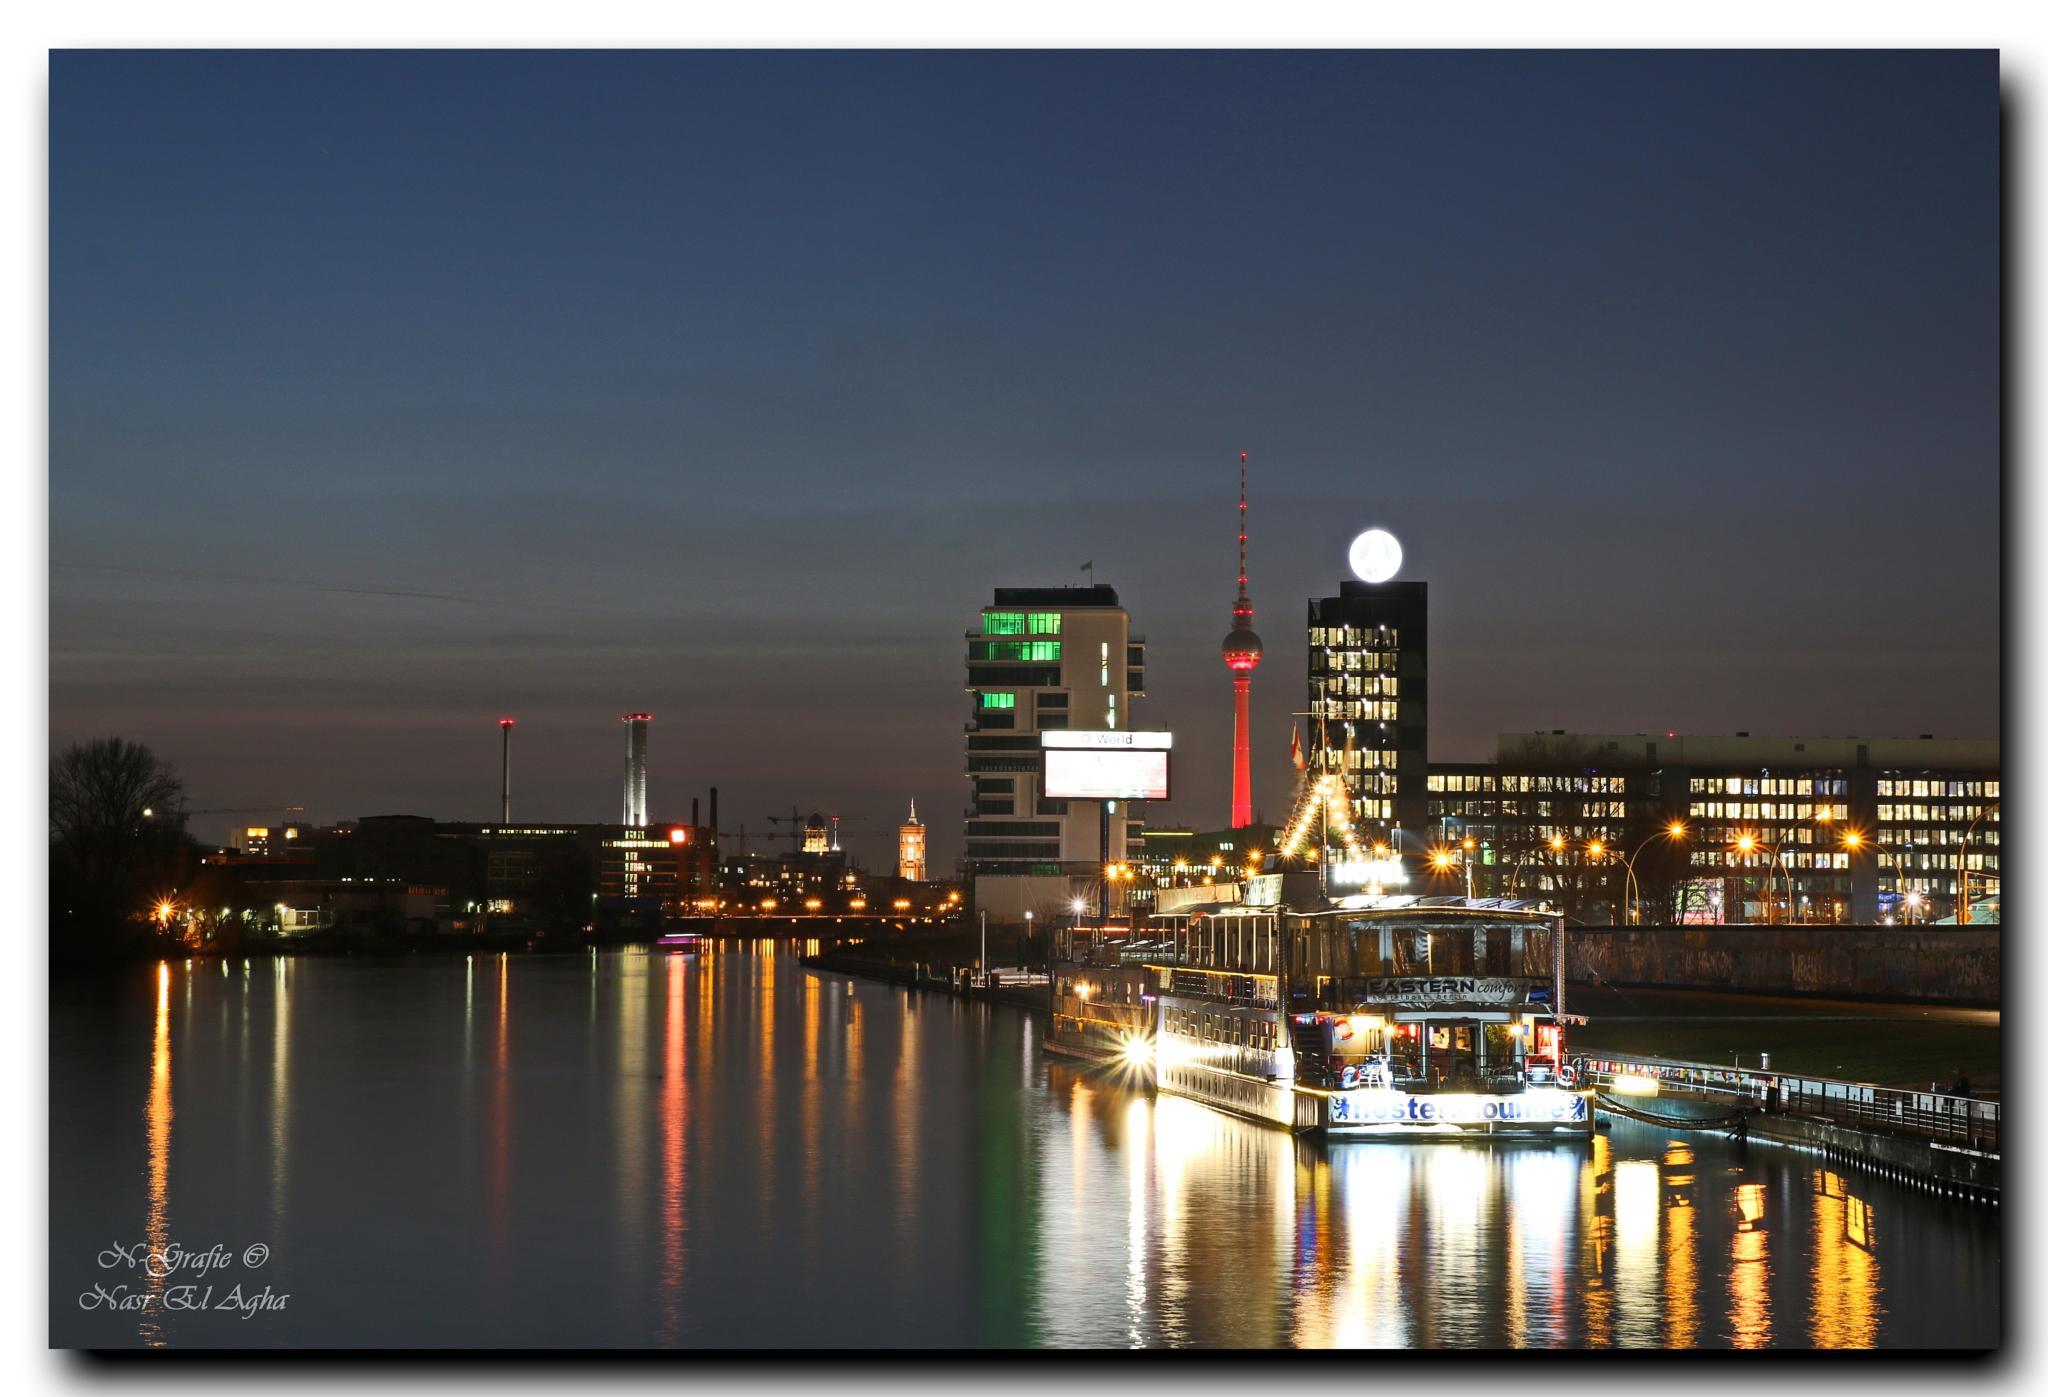 Berlin At Night by Nasr El Agha